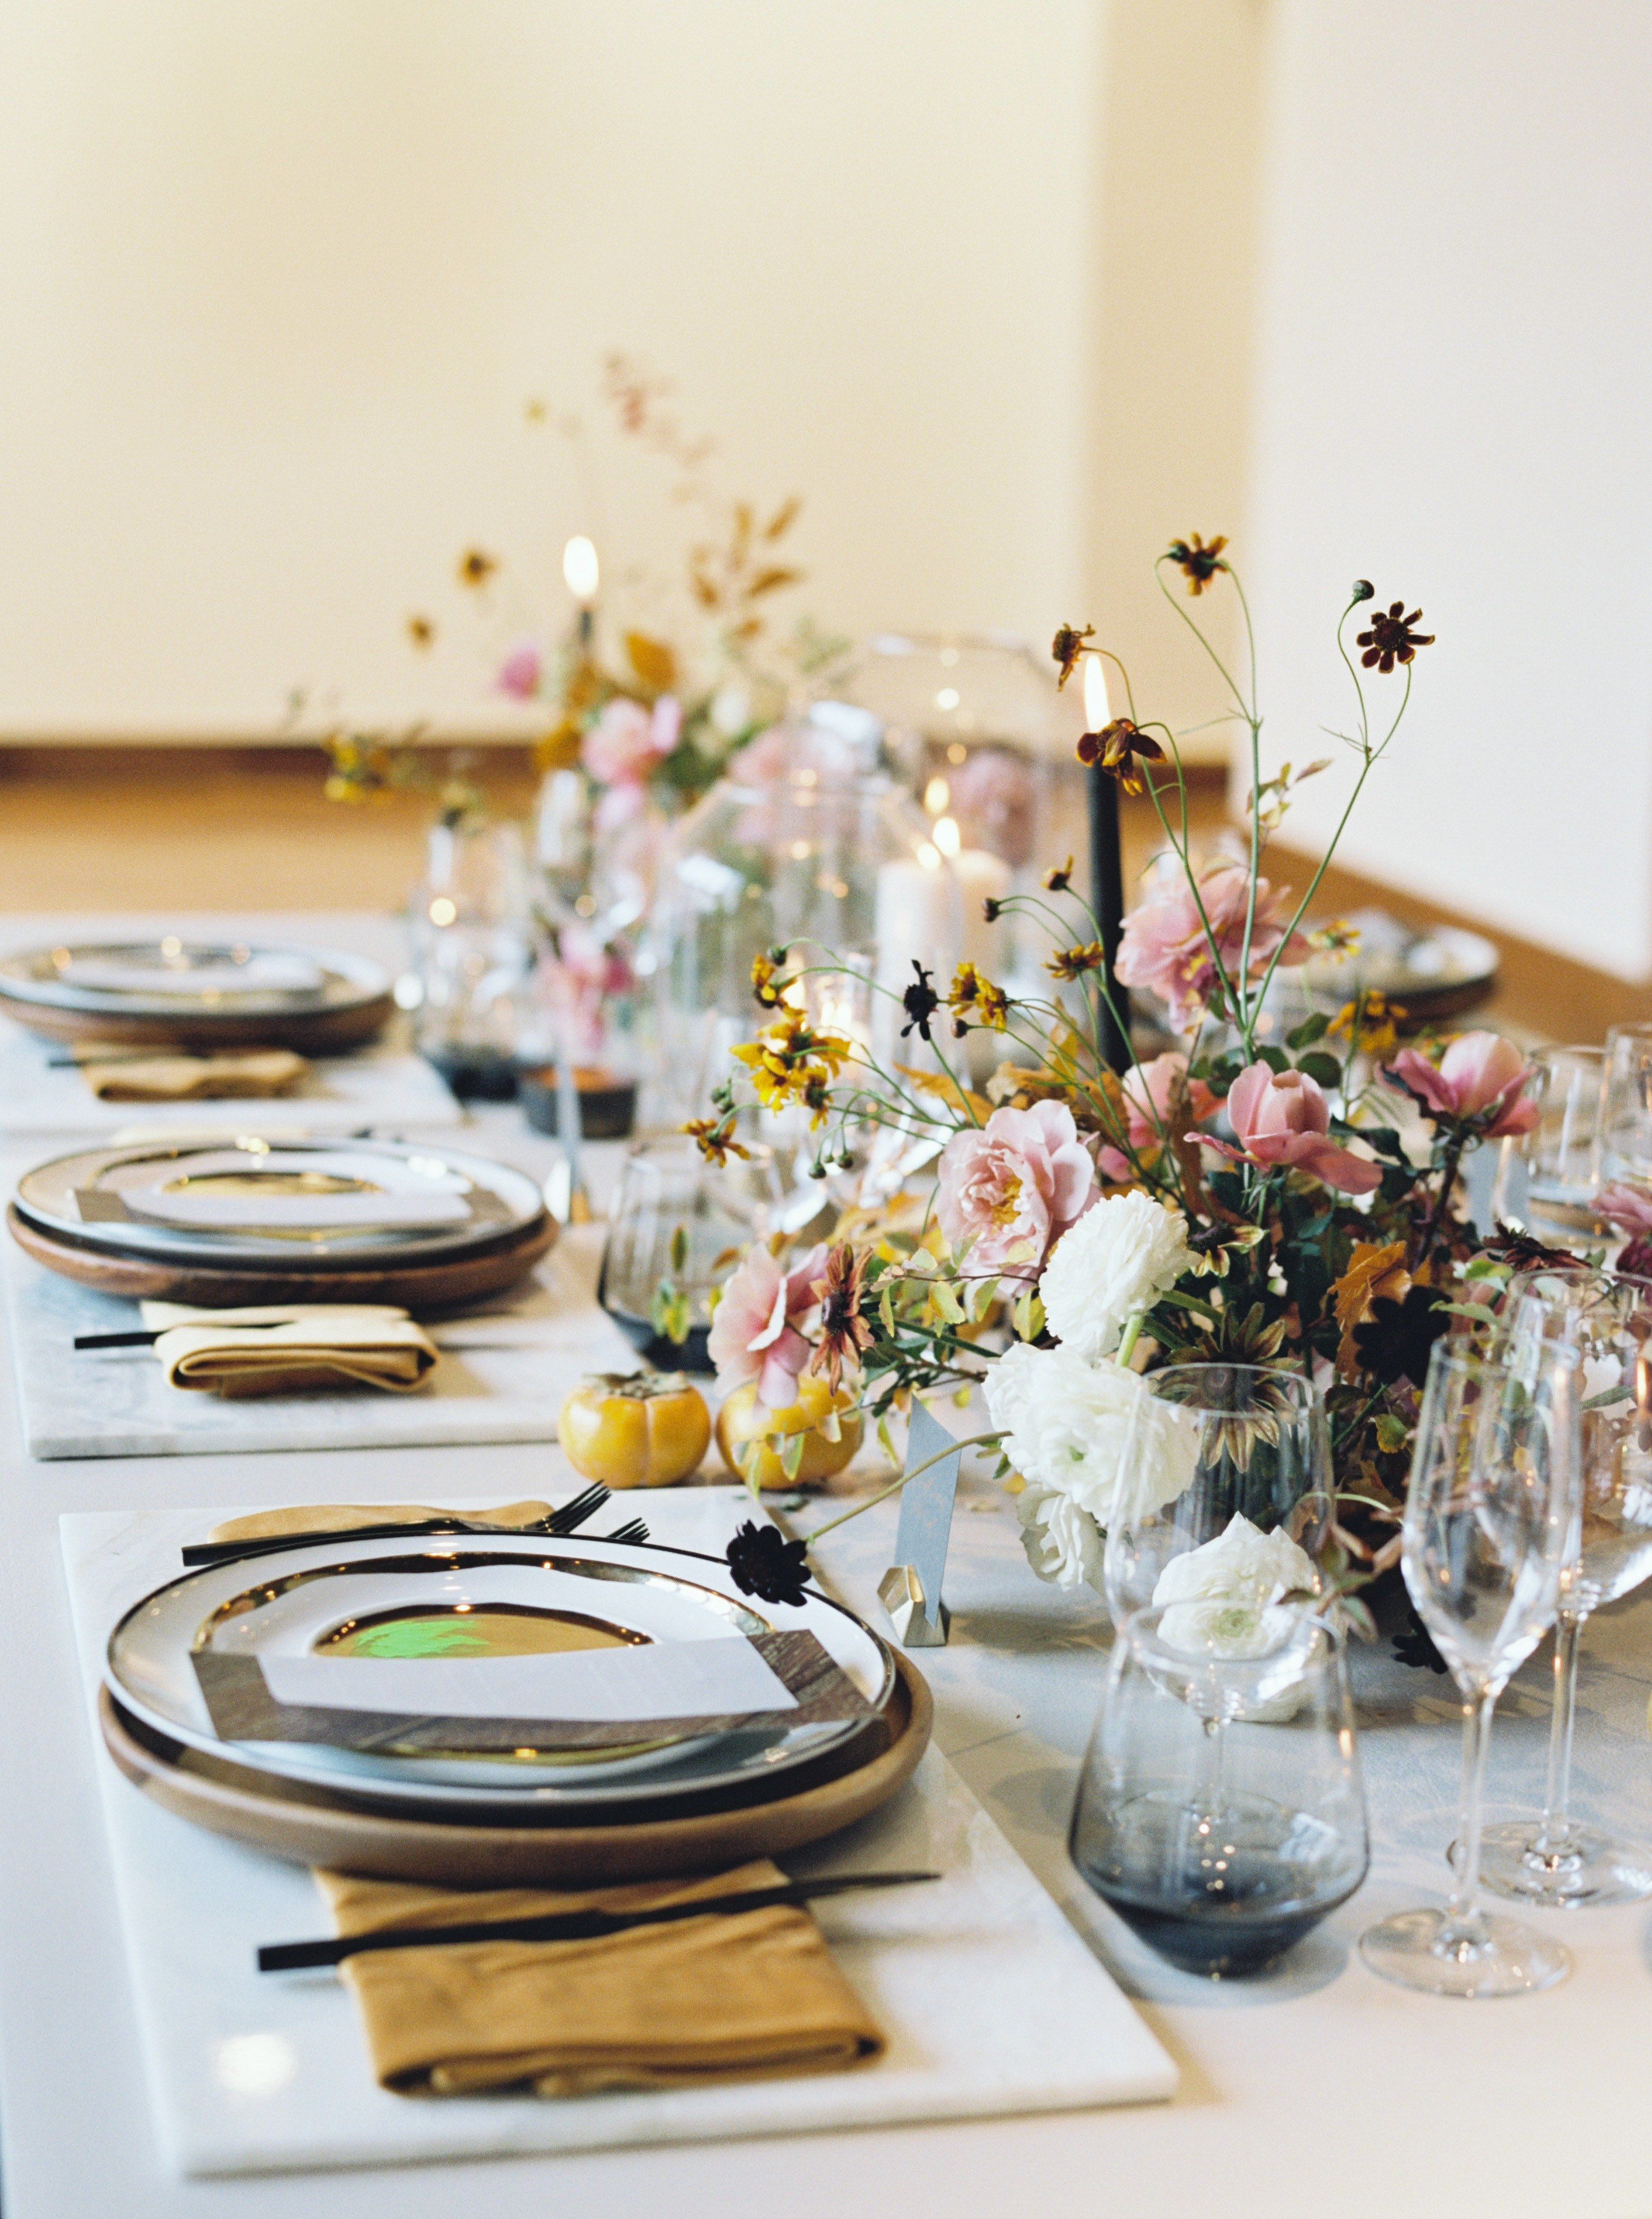 Wedding decor ideas 2018   Fall Wedding Decor Ideas Weure Loving in   Brides  Weddings